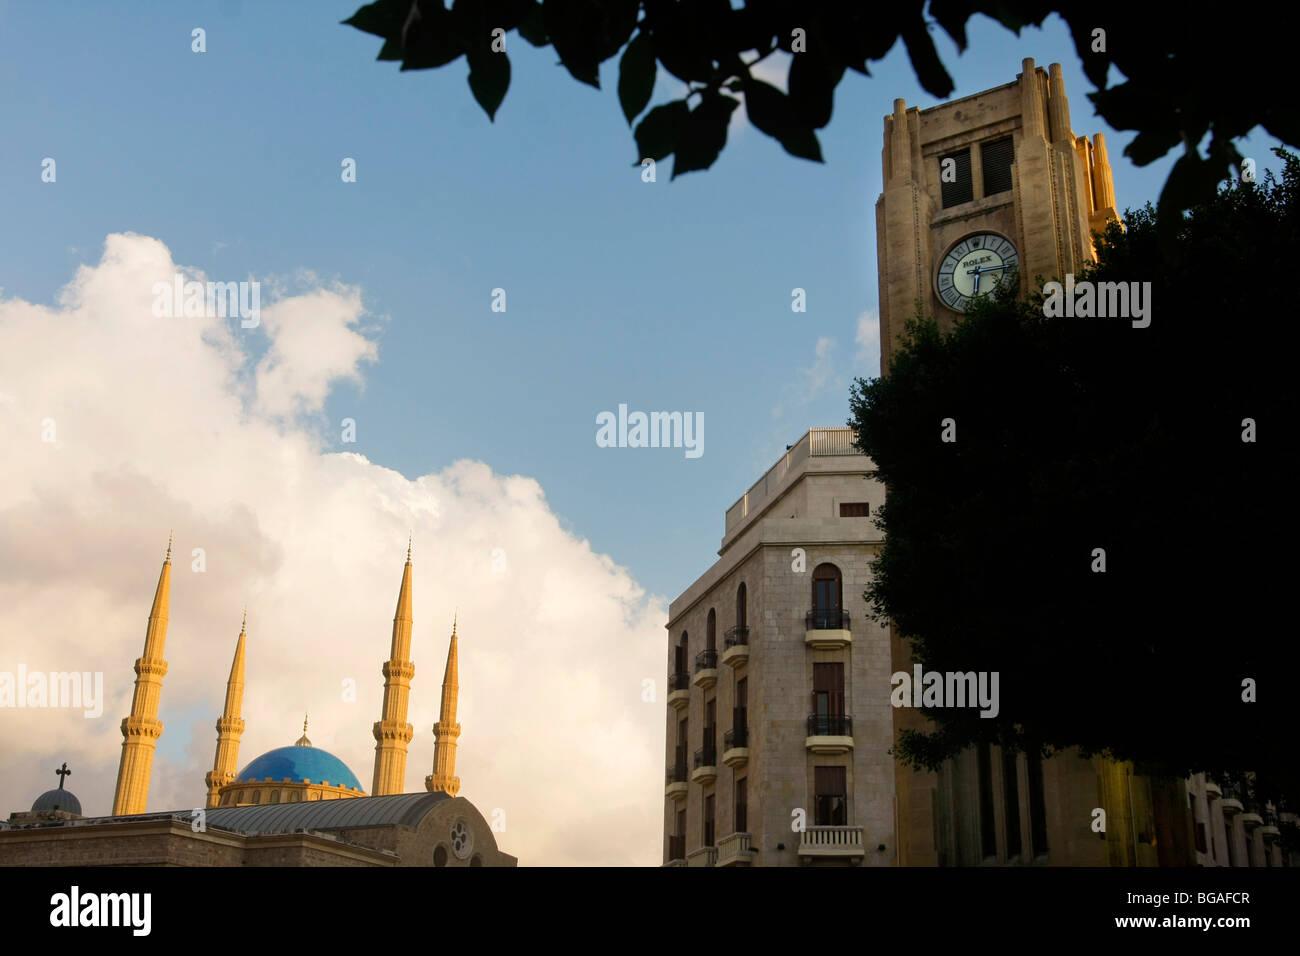 La Solidére Torre del Reloj en el centro de la ciudad de Beirut, en el Líbano con una mezquita que se Imagen De Stock